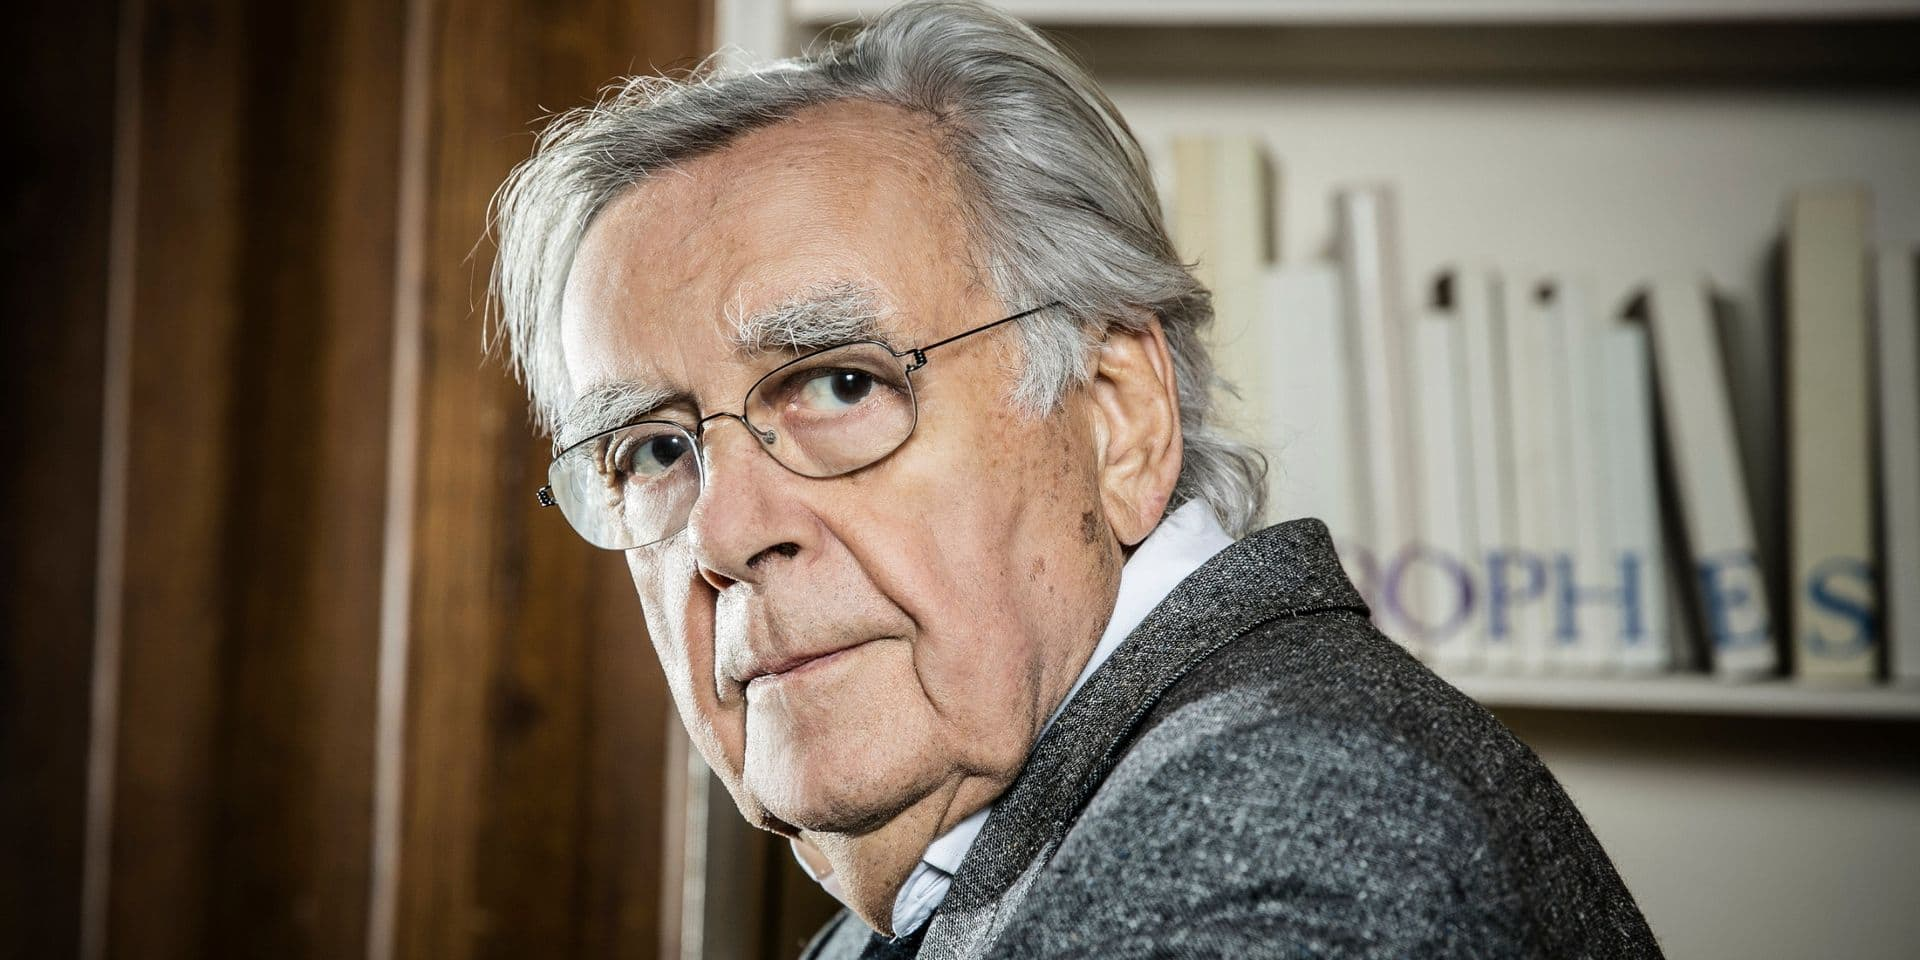 """Bernard Pivot, rêveur des confins : 'L'amour à plus de 70 ans, personne n'ose en parler, ça reste un tabou"""""""